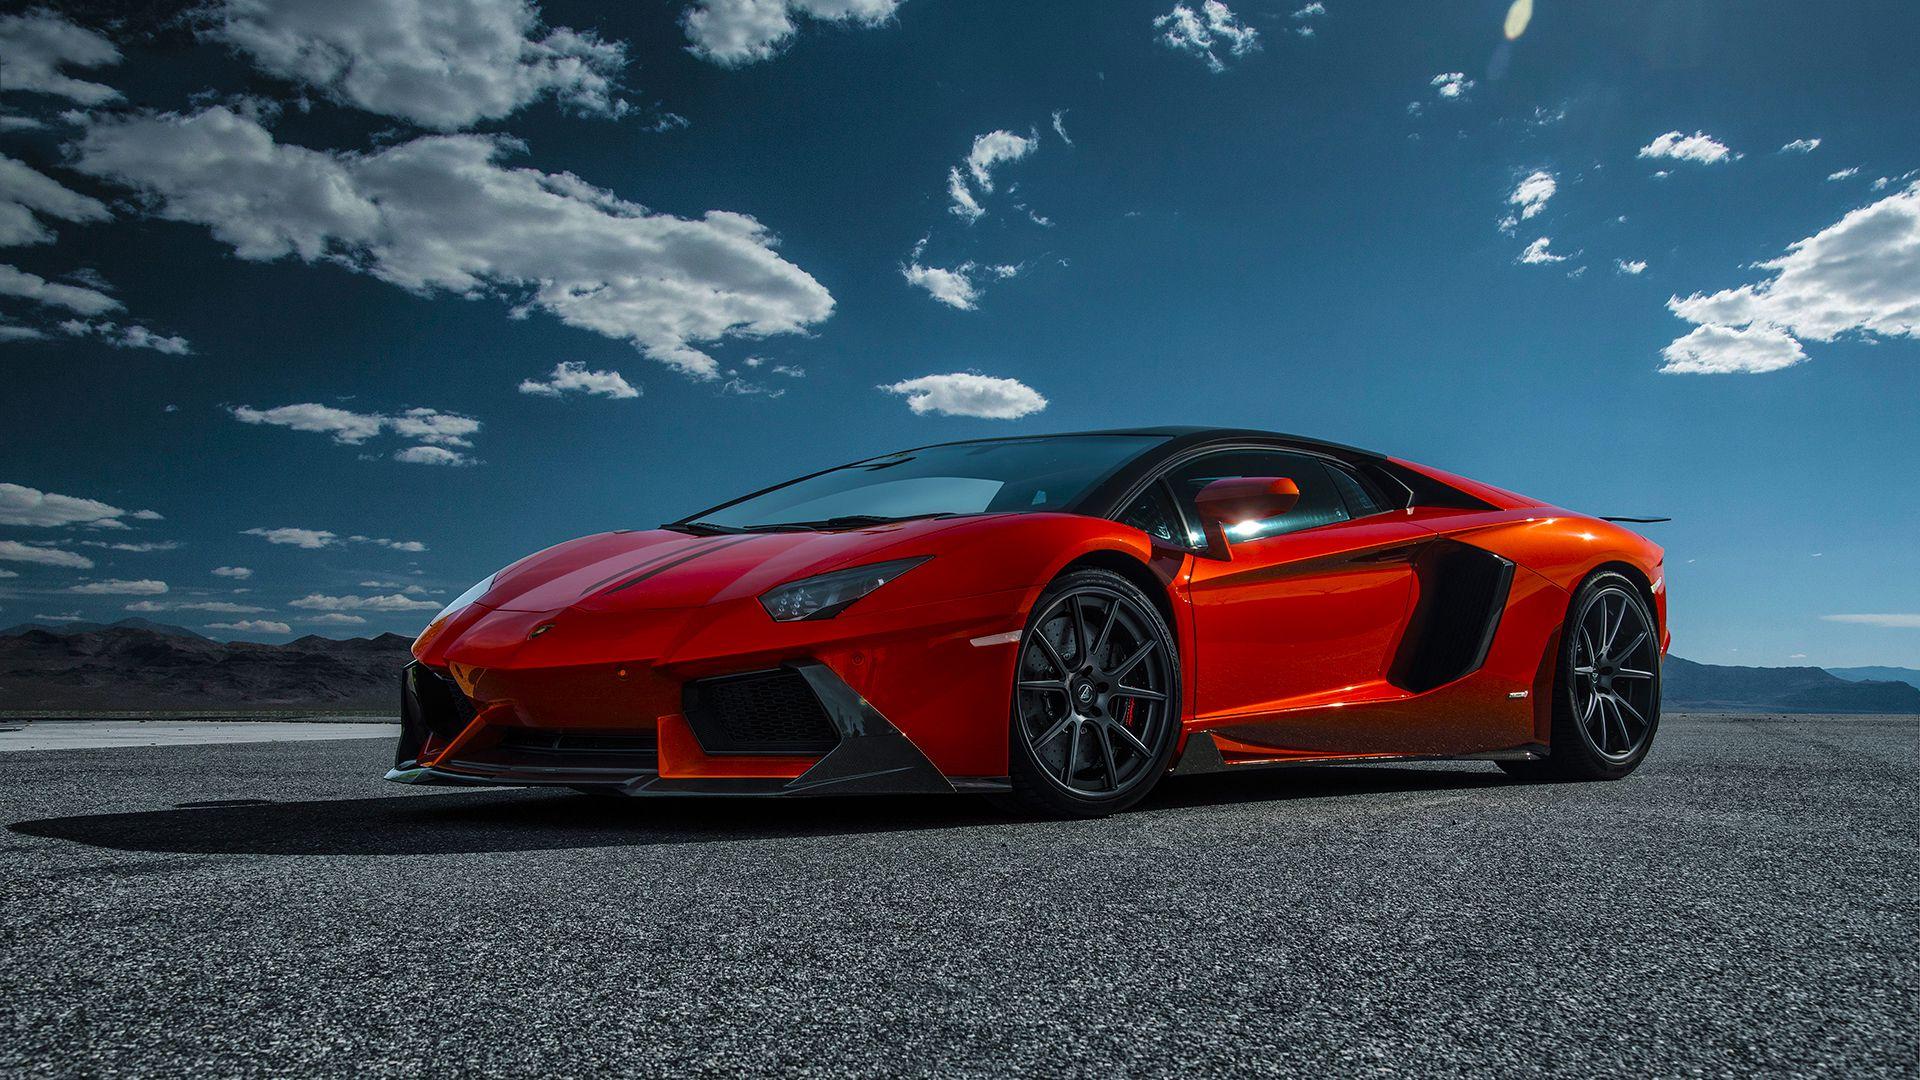 Download Wallpaper 1920x1080 Lamborghini Aventador V Lp 740 4 Red